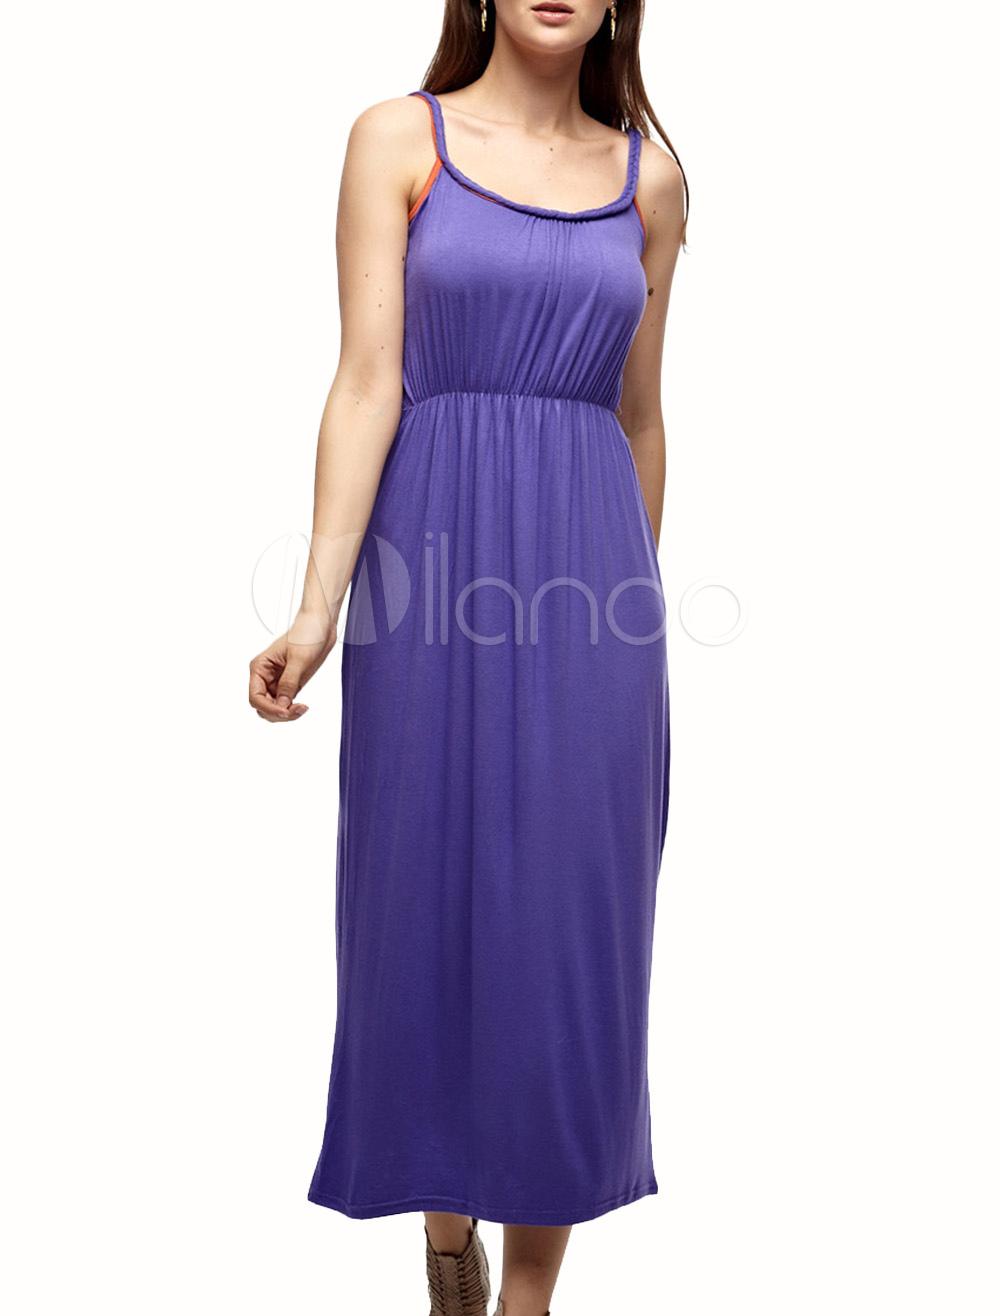 Vestido largo de color morado con tirantes - Milanoo.com